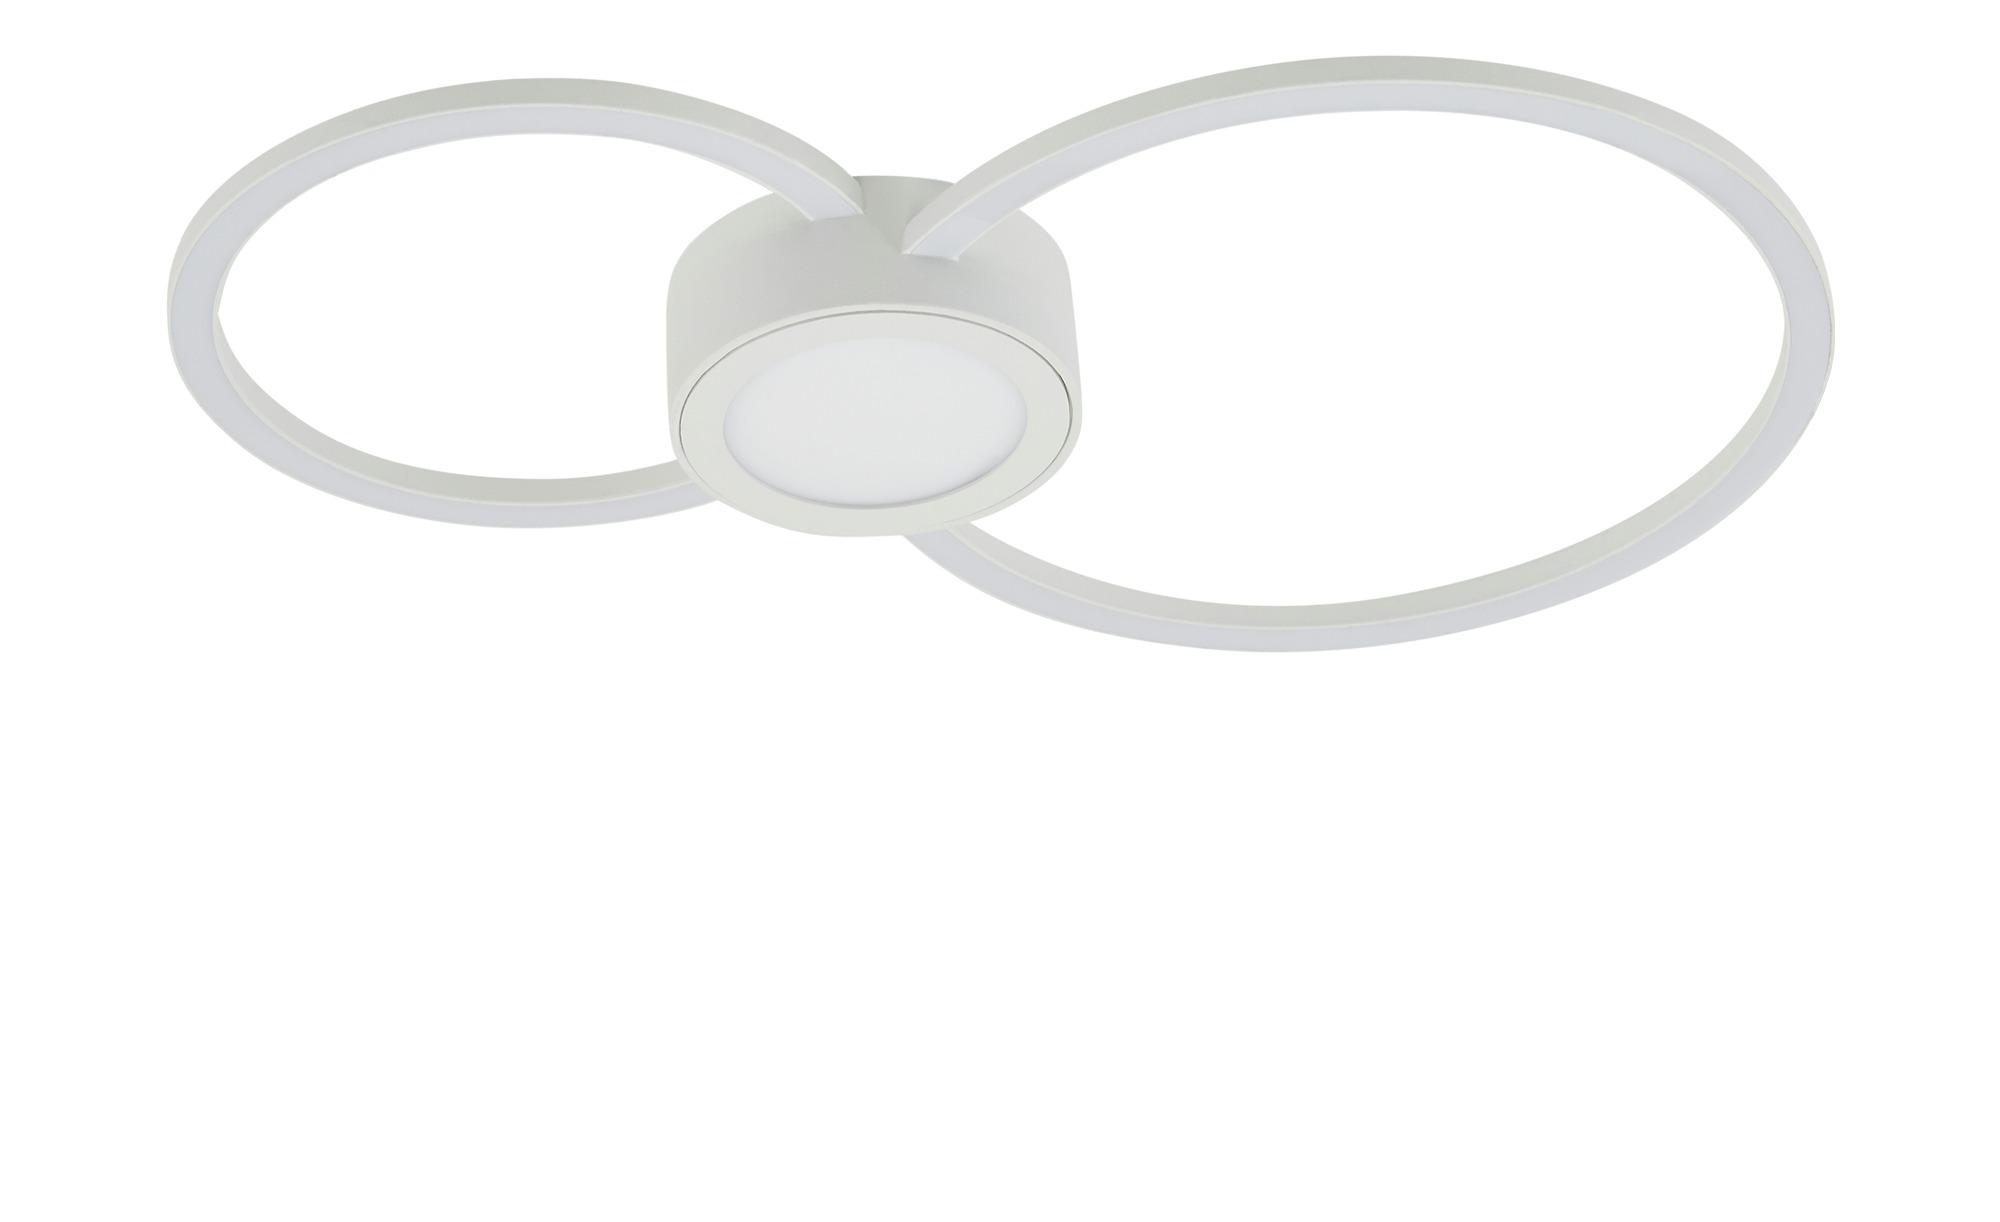 KHG LED-Deckenleuchte, 3-flammig, weiß ¦ weiß ¦ Maße (cm): B: 26 H: 4 Lampen & Leuchten > Innenleuchten > Deckenleuchten - Höffner